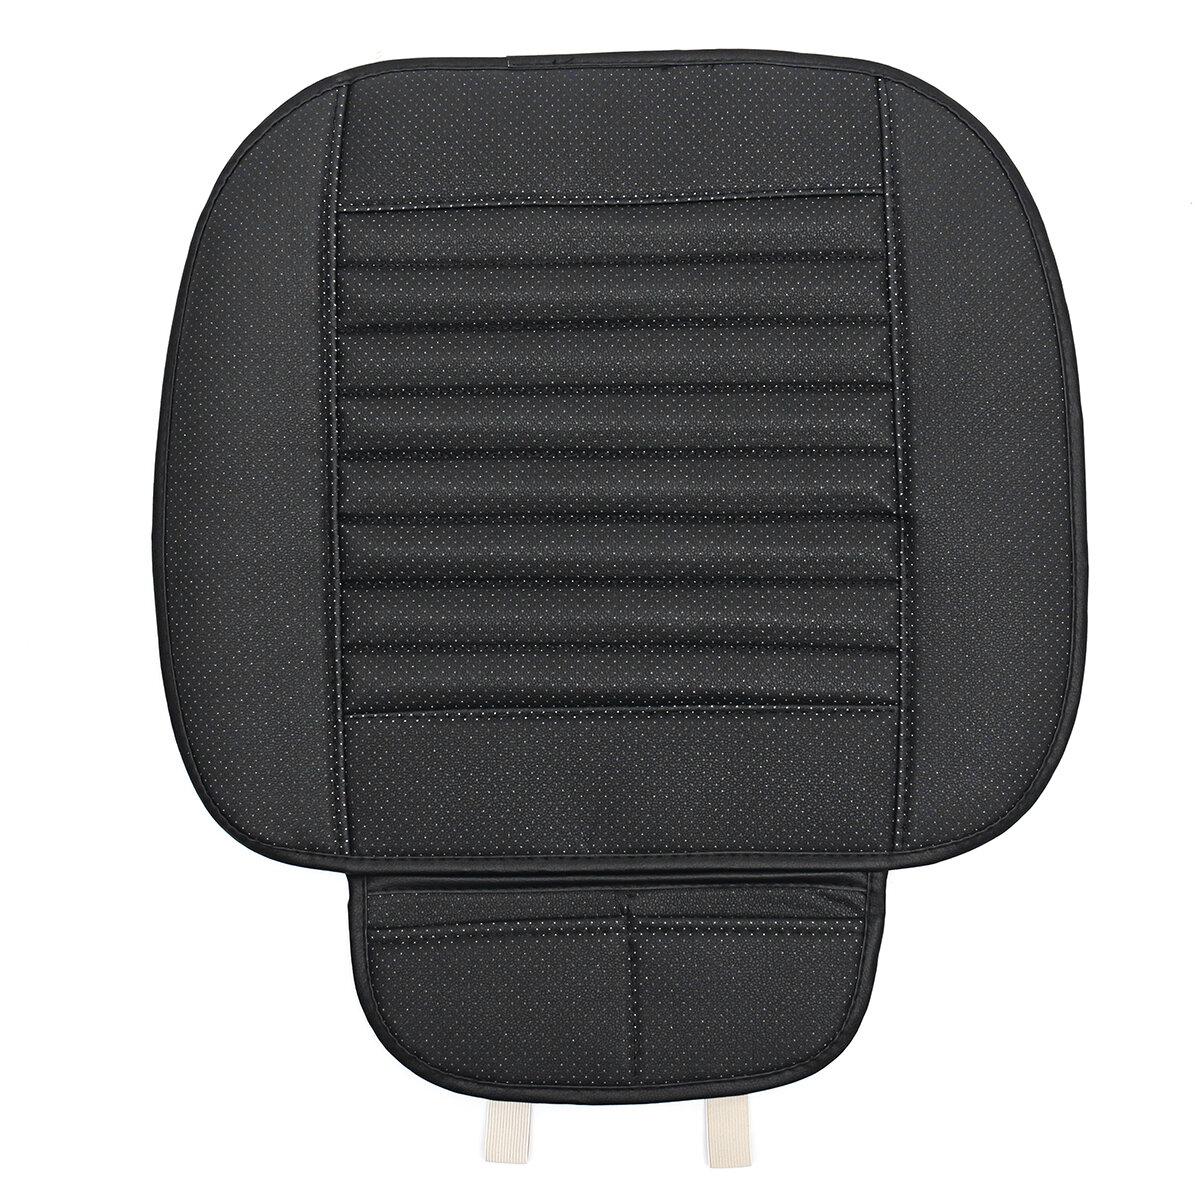 Voiture respirant PU cuir siège coussin Universal Auto avant chaise housse de siège Pad